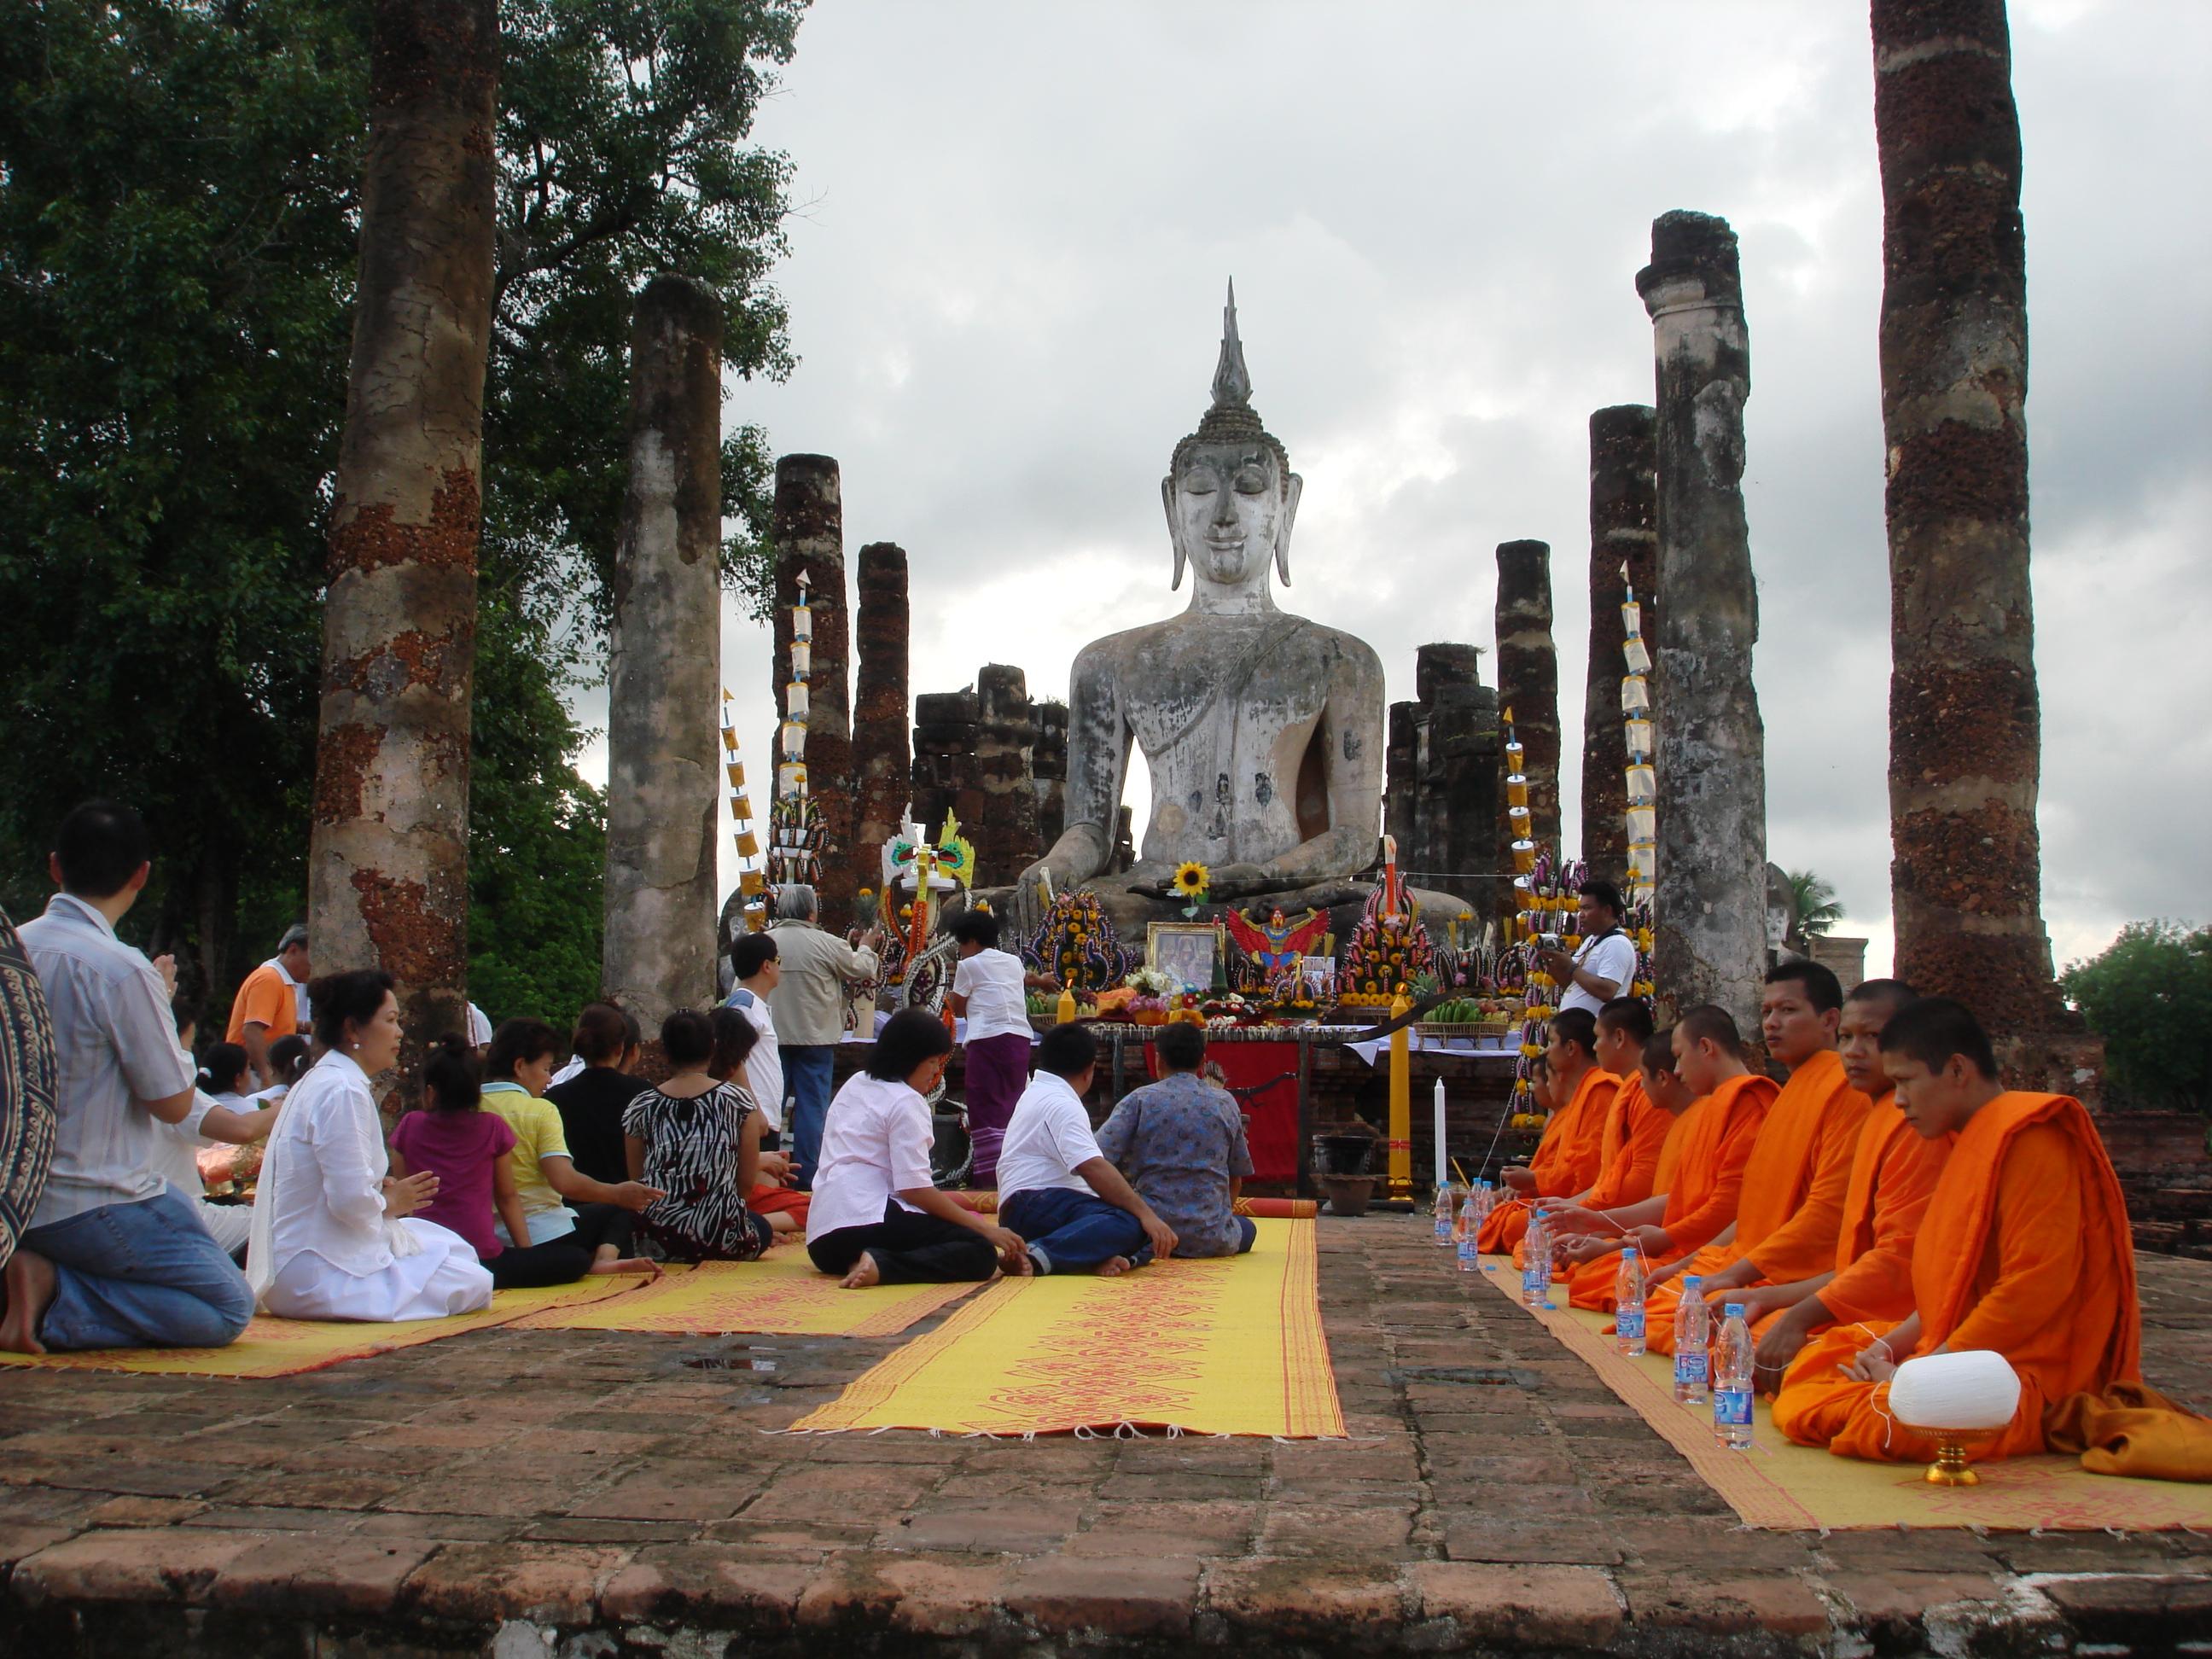 Resultado de imagen de monjes budista meditando